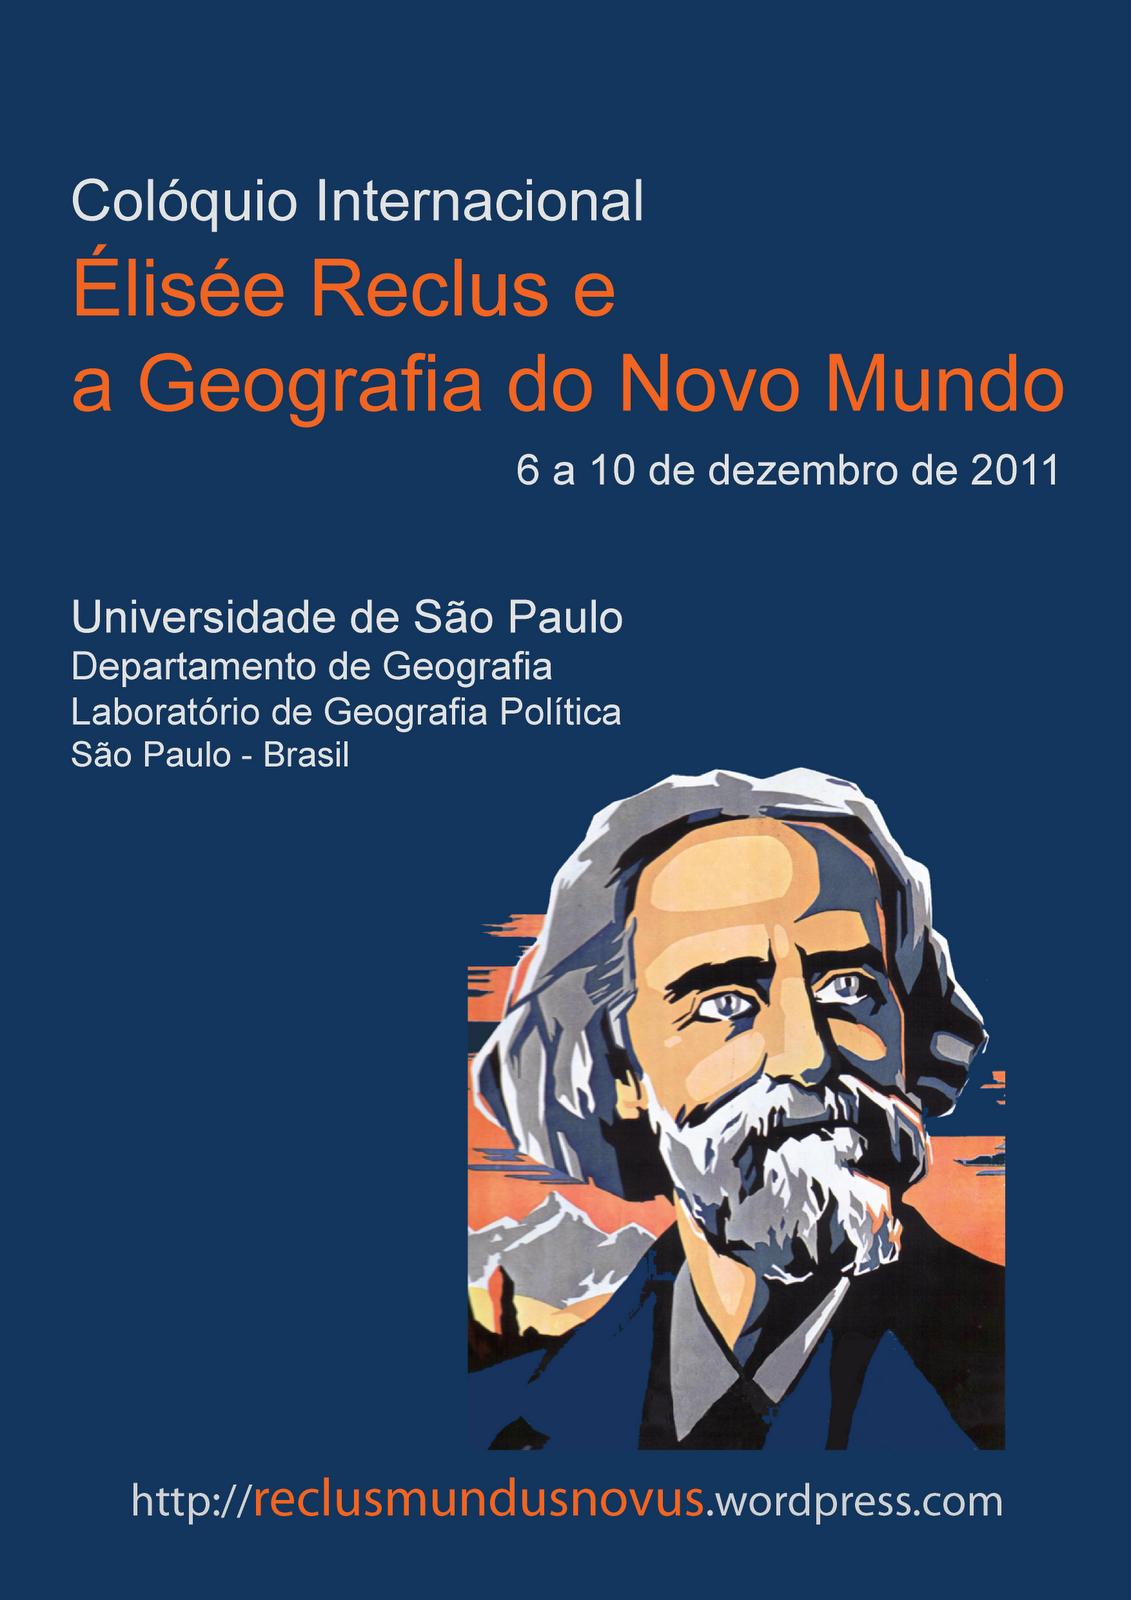 """Colóquio Internacional """"Élisée Reclus e a Geografia do Novo Mundo"""